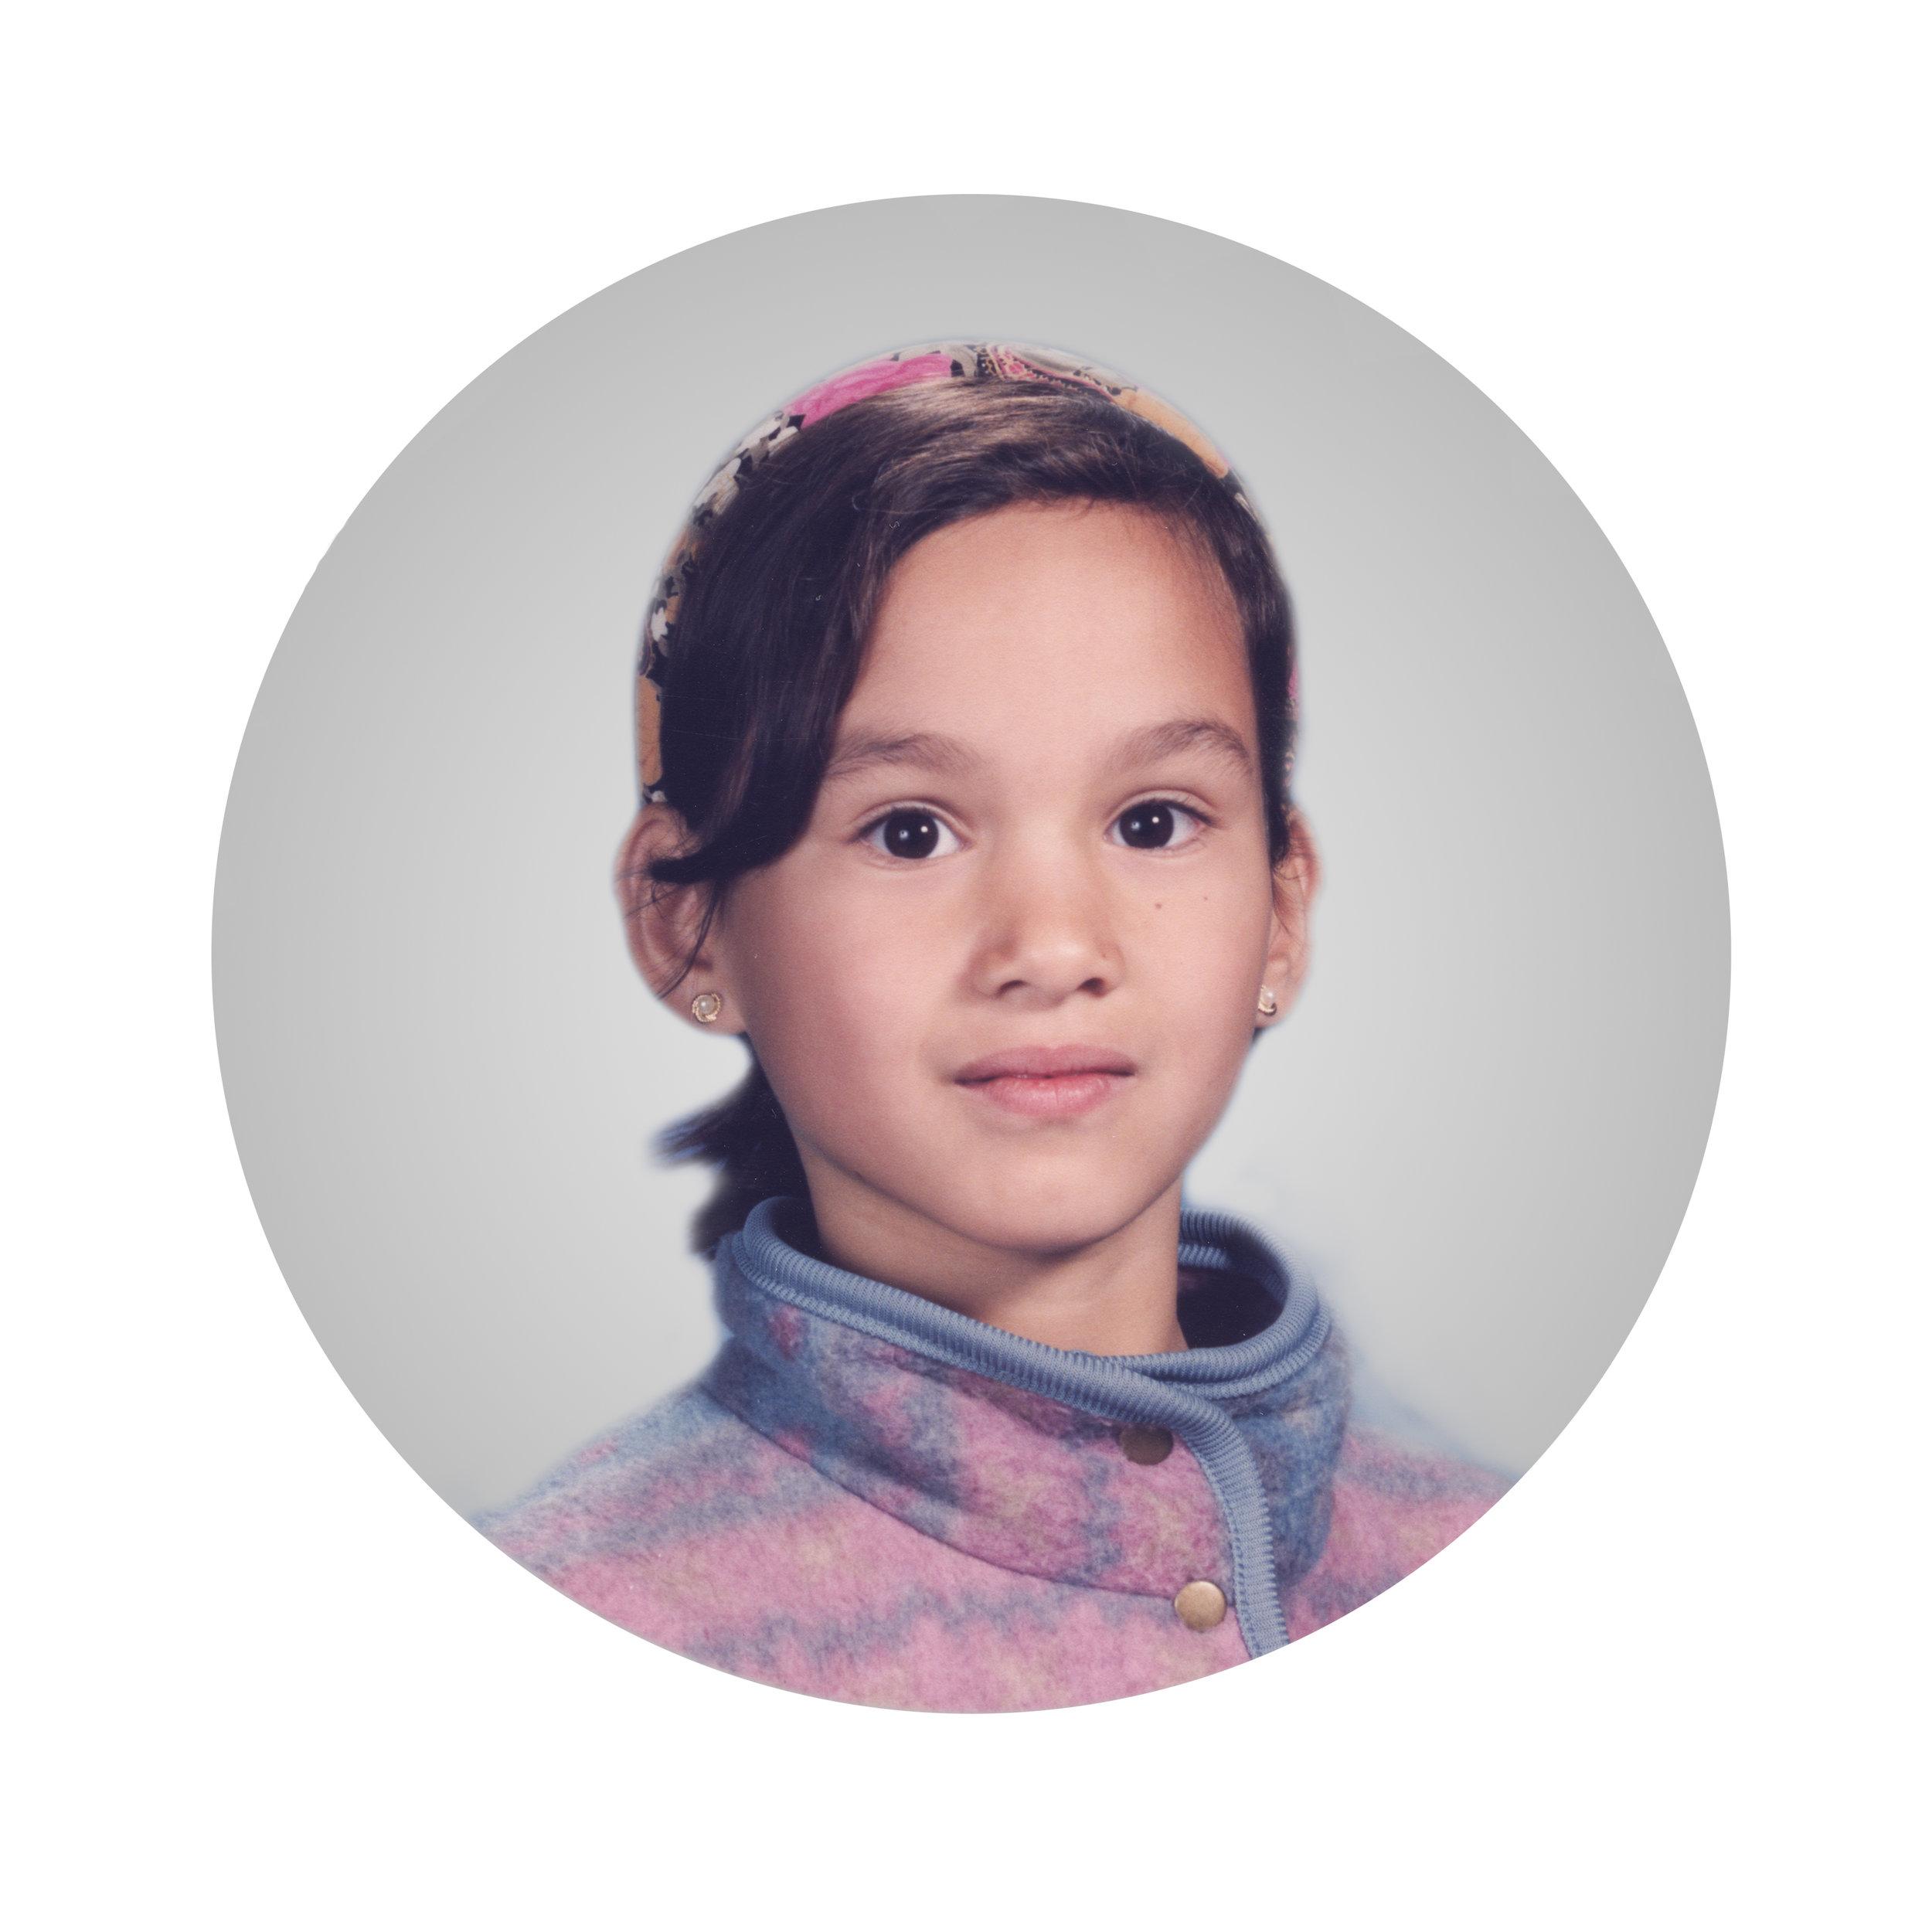 Daughter, 1994